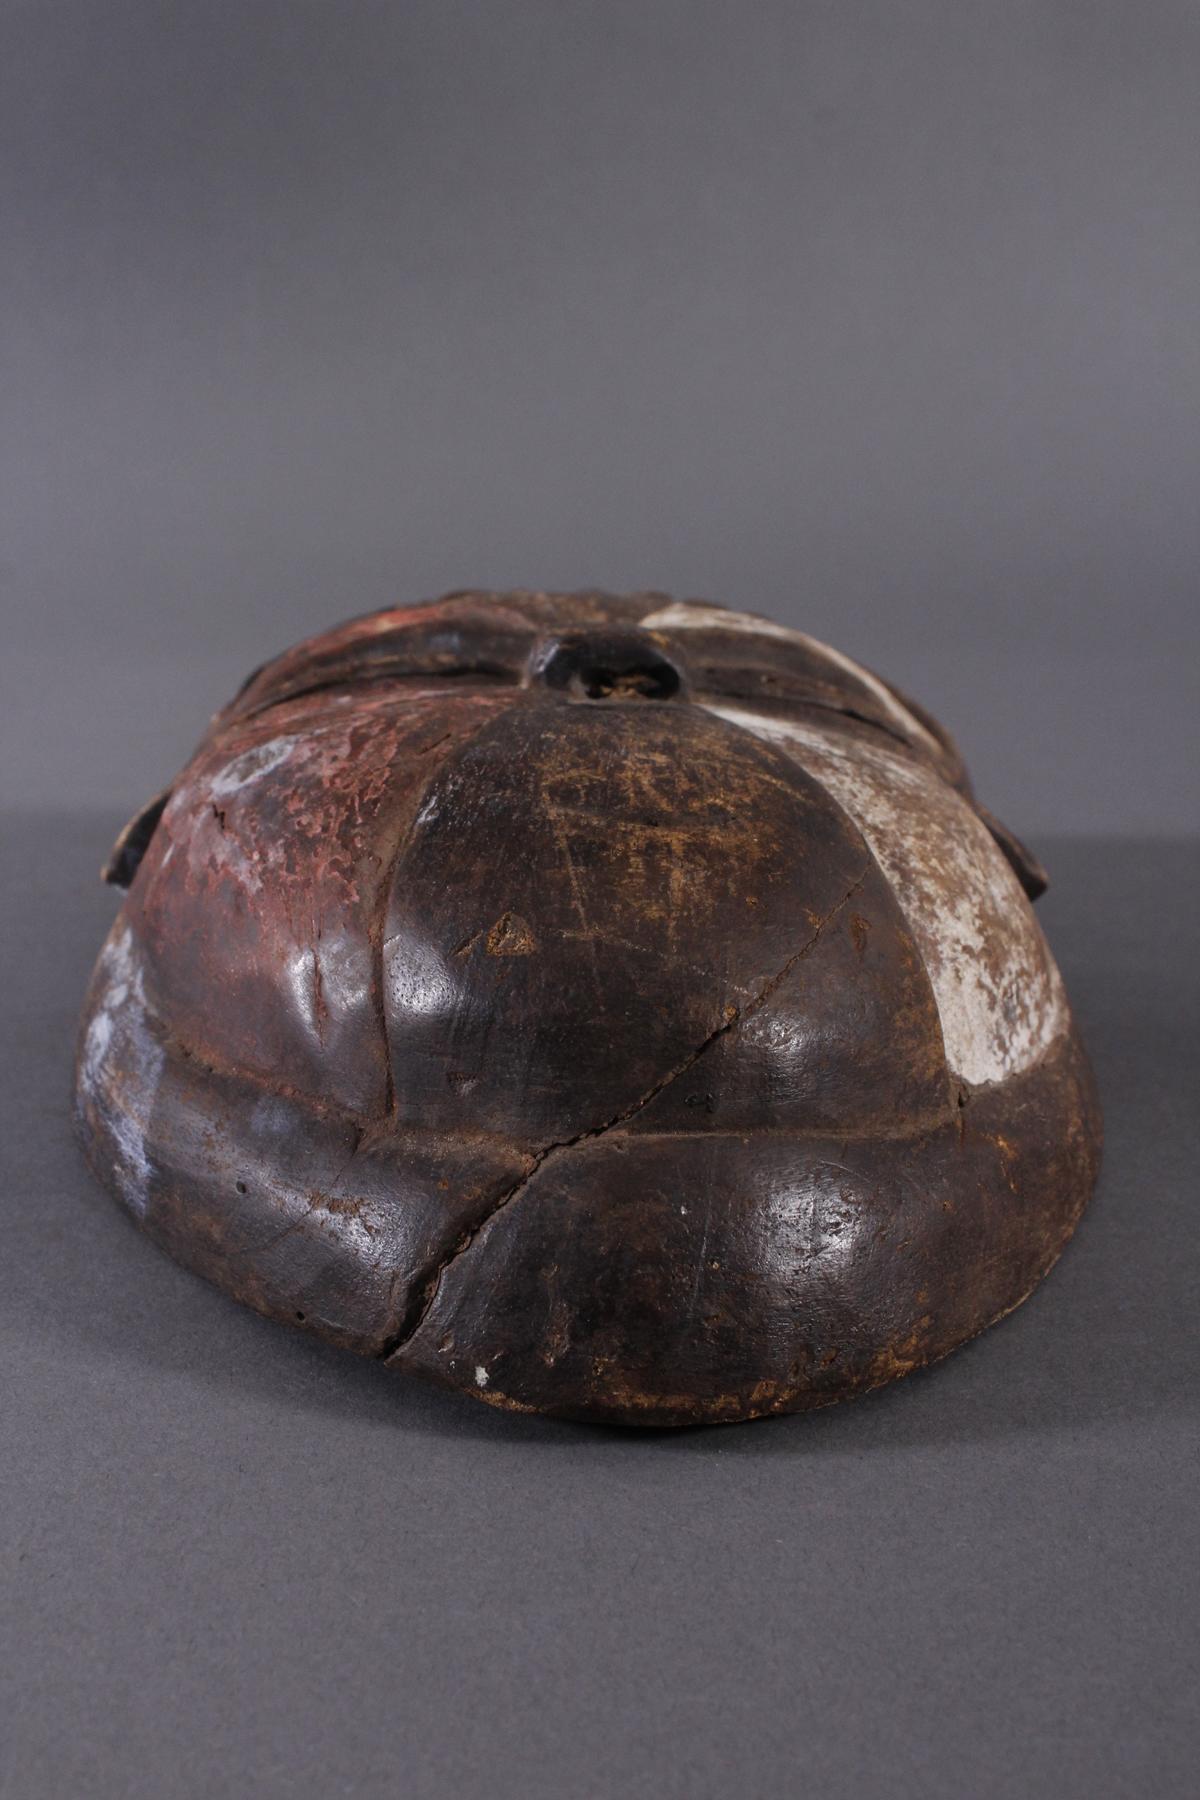 Antike Afrikanische Maske, 1. Hälfte 20. Jh.Holz geschnitzt und farbig gefaßt, durchbrochene - Bild 2 aus 6